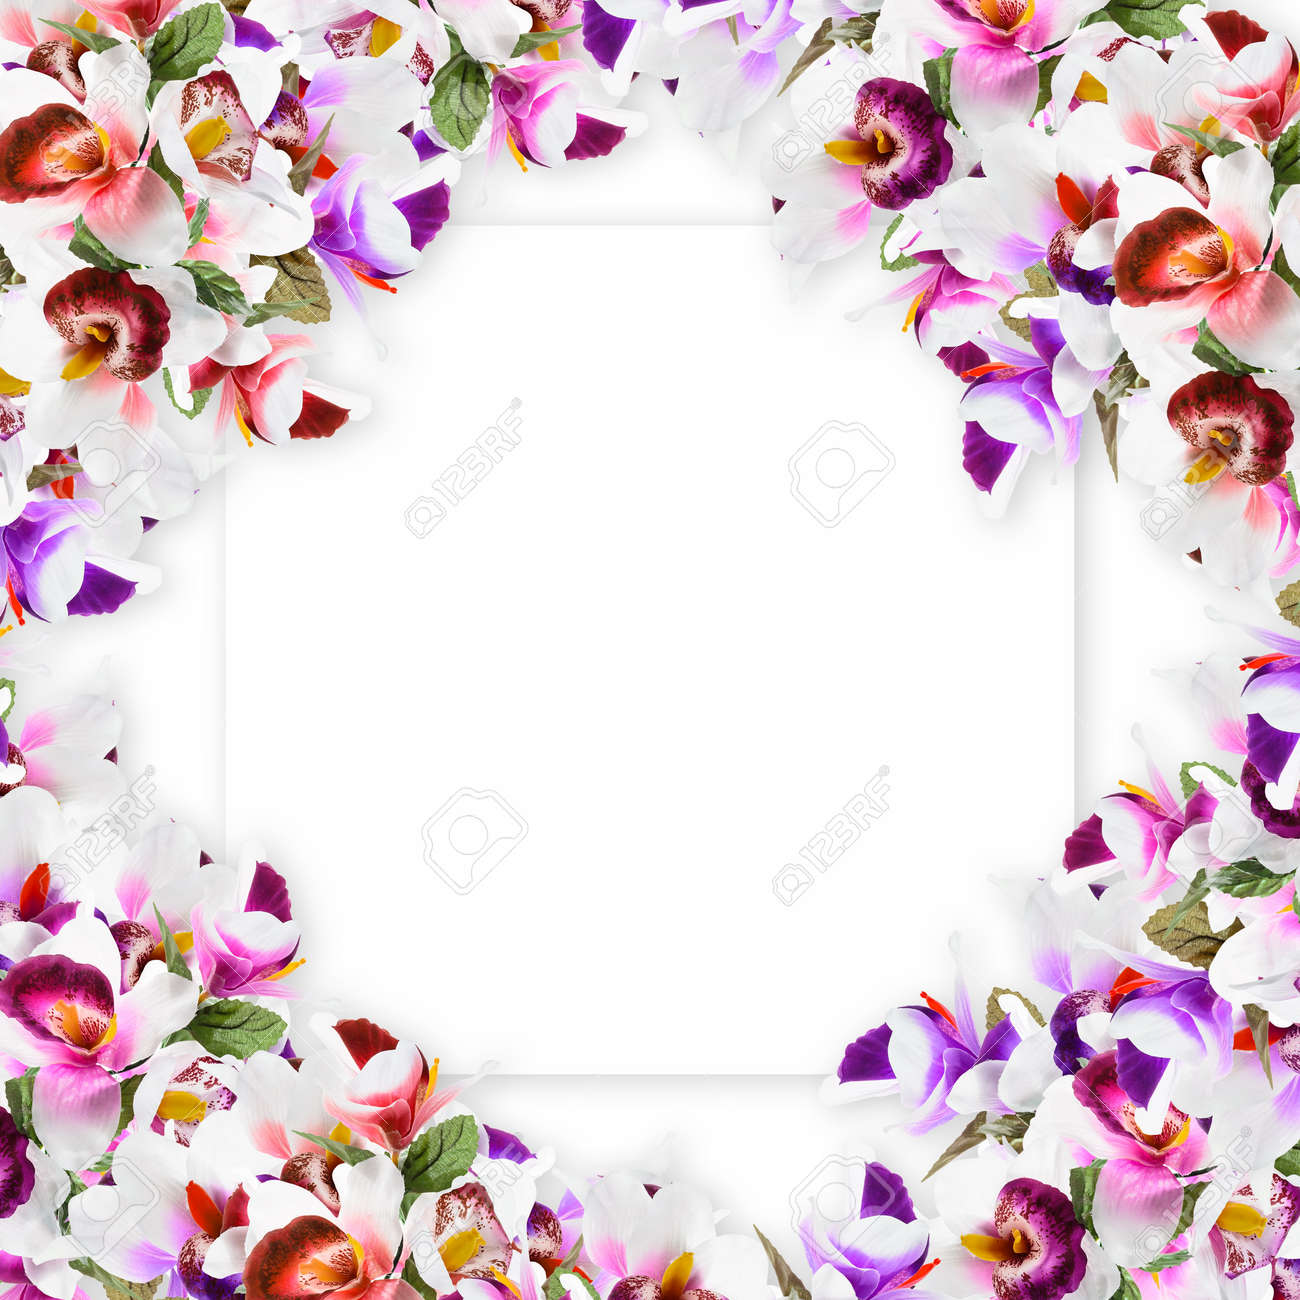 Vintage Ressort De Carte Verticale Branches En Fleurs Colorees De Lilas Fleur Orchidee Fleur Imprimer Dans Des Couleurs Douces En Tissu Banque D Images Et Photos Libres De Droits Image 59818728